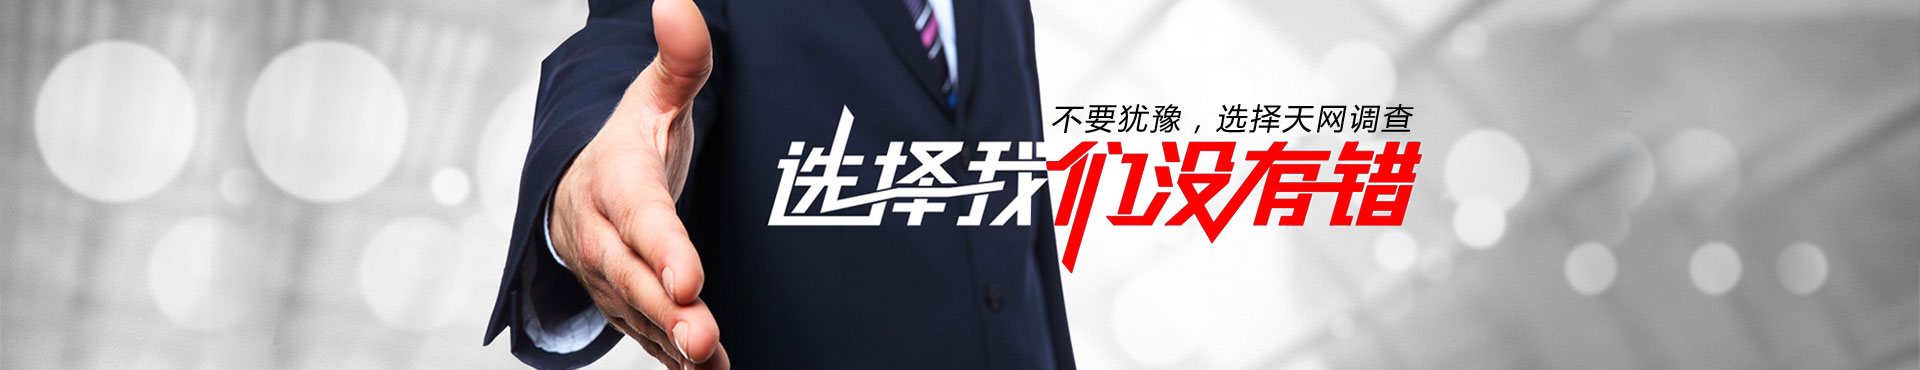 南京婚姻调查